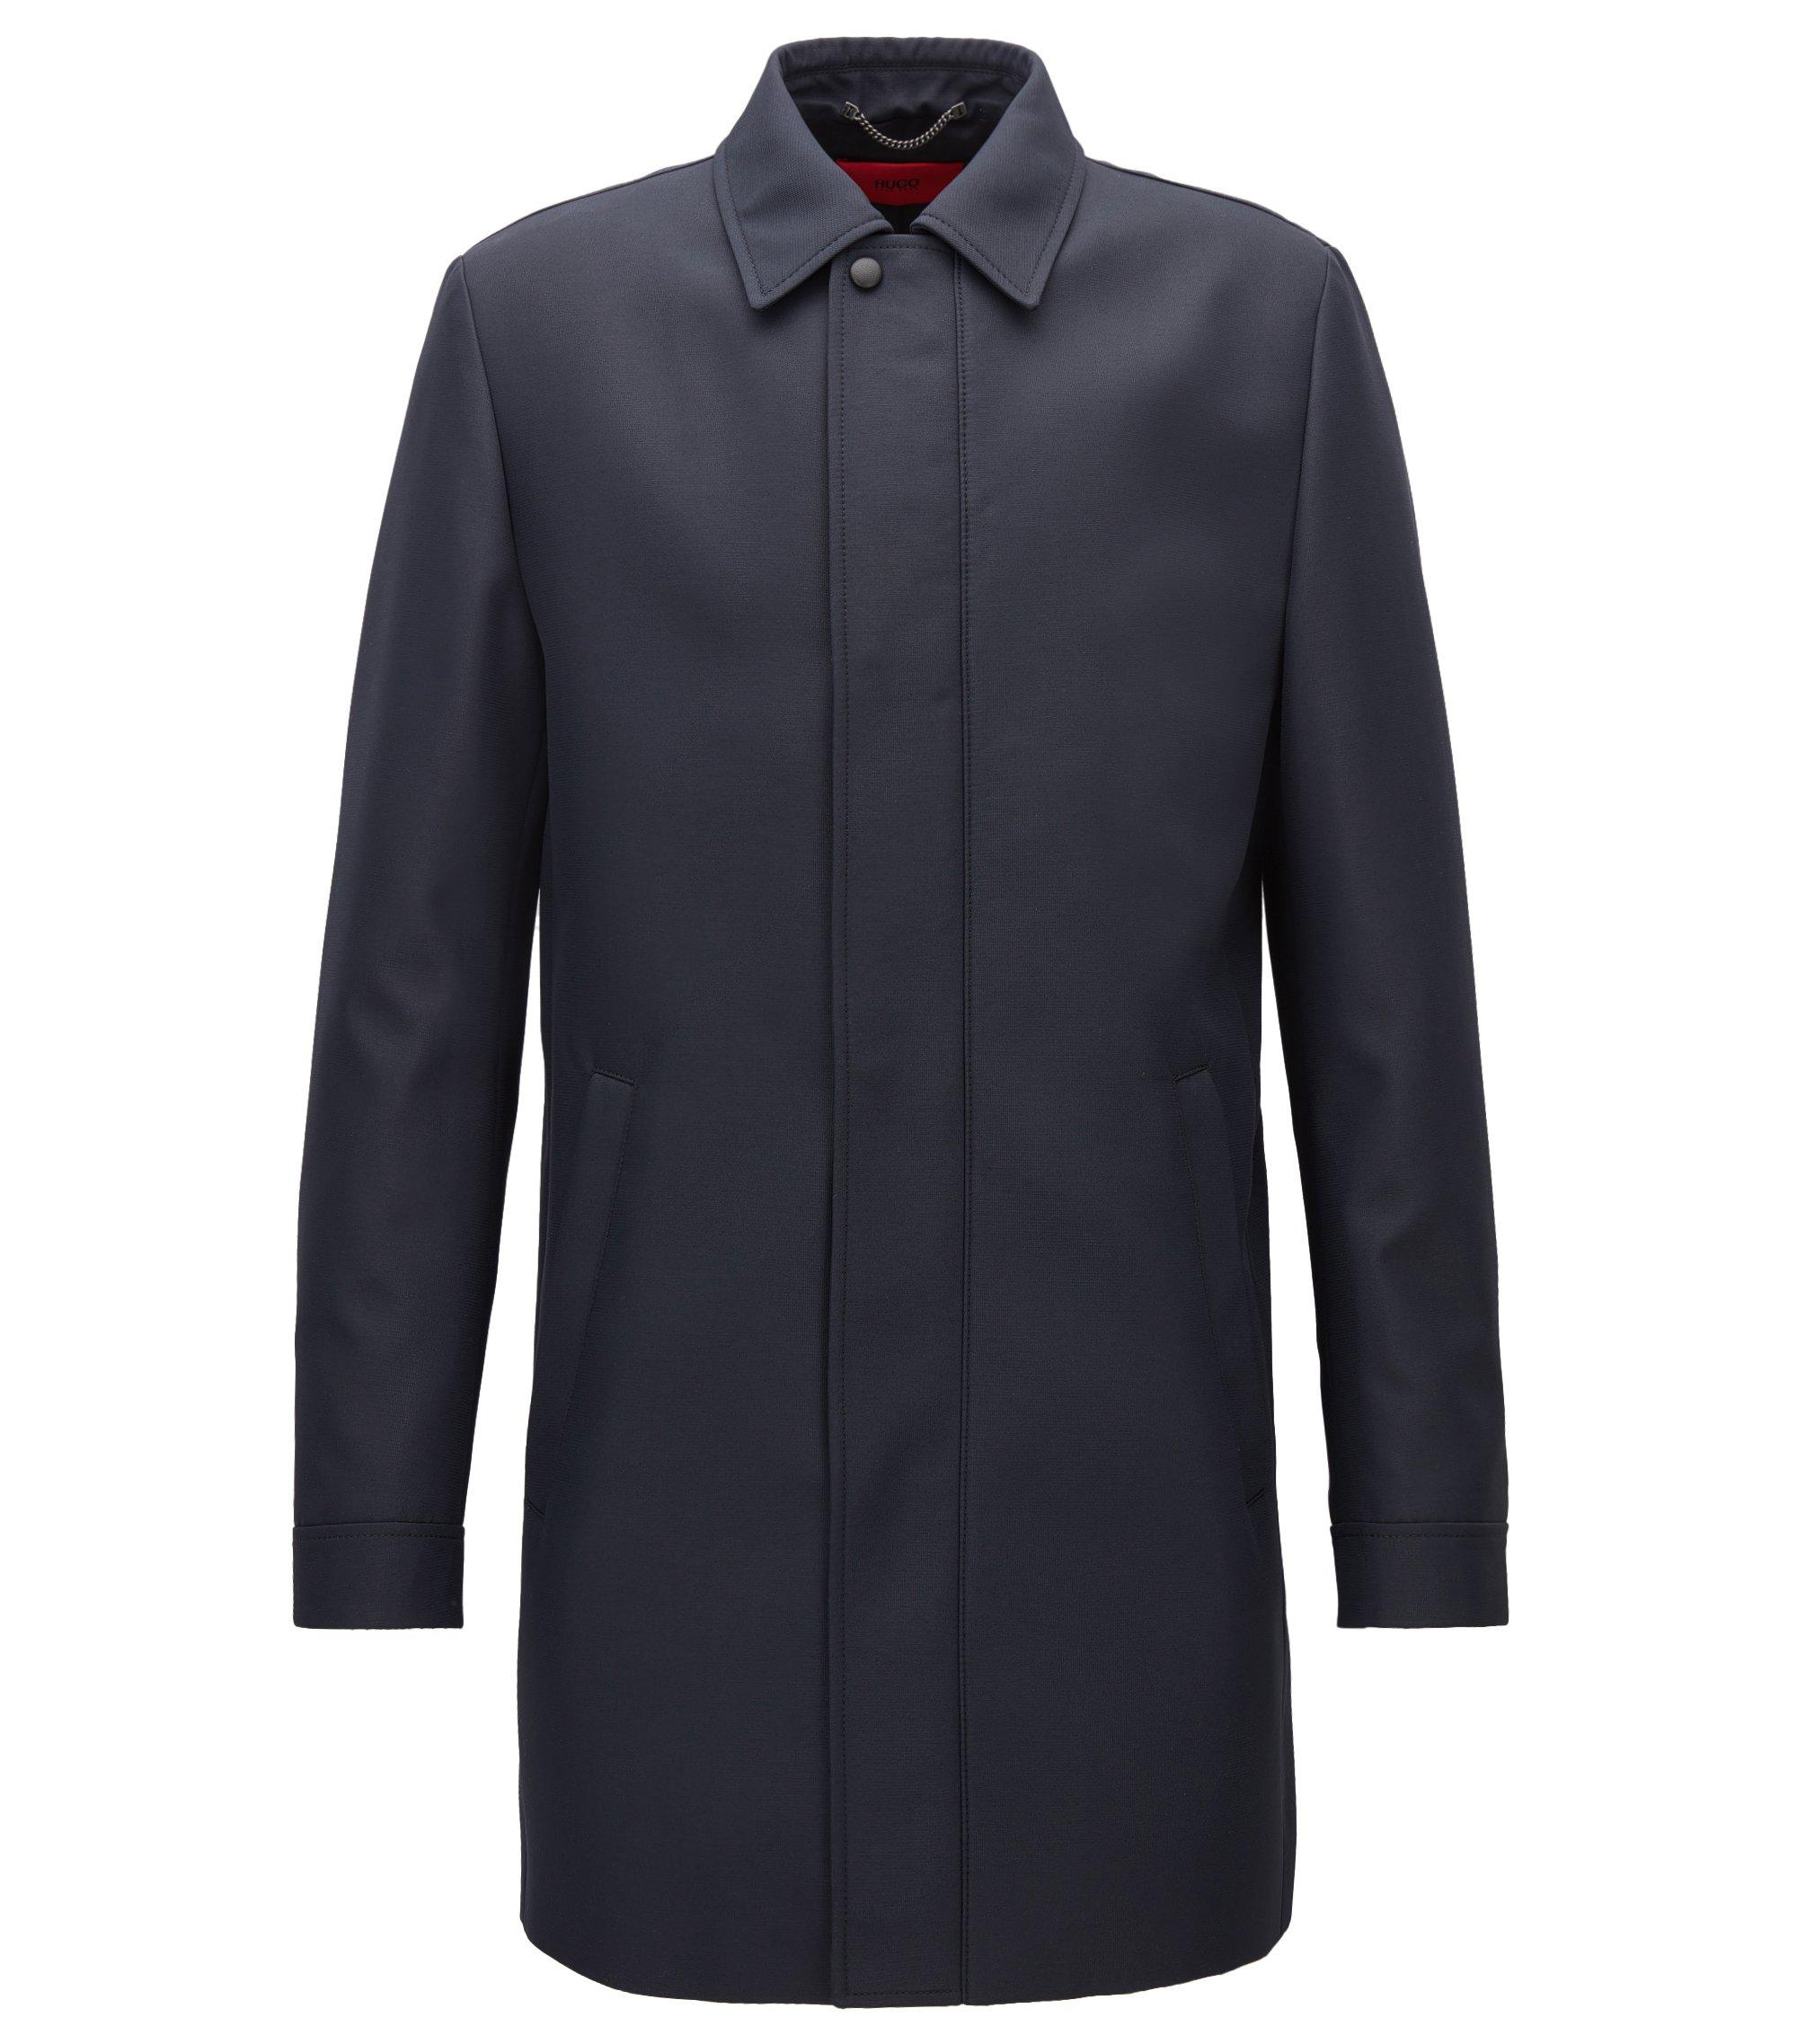 Abrigo slim fit en tejido técnico repelente al agua, Azul oscuro